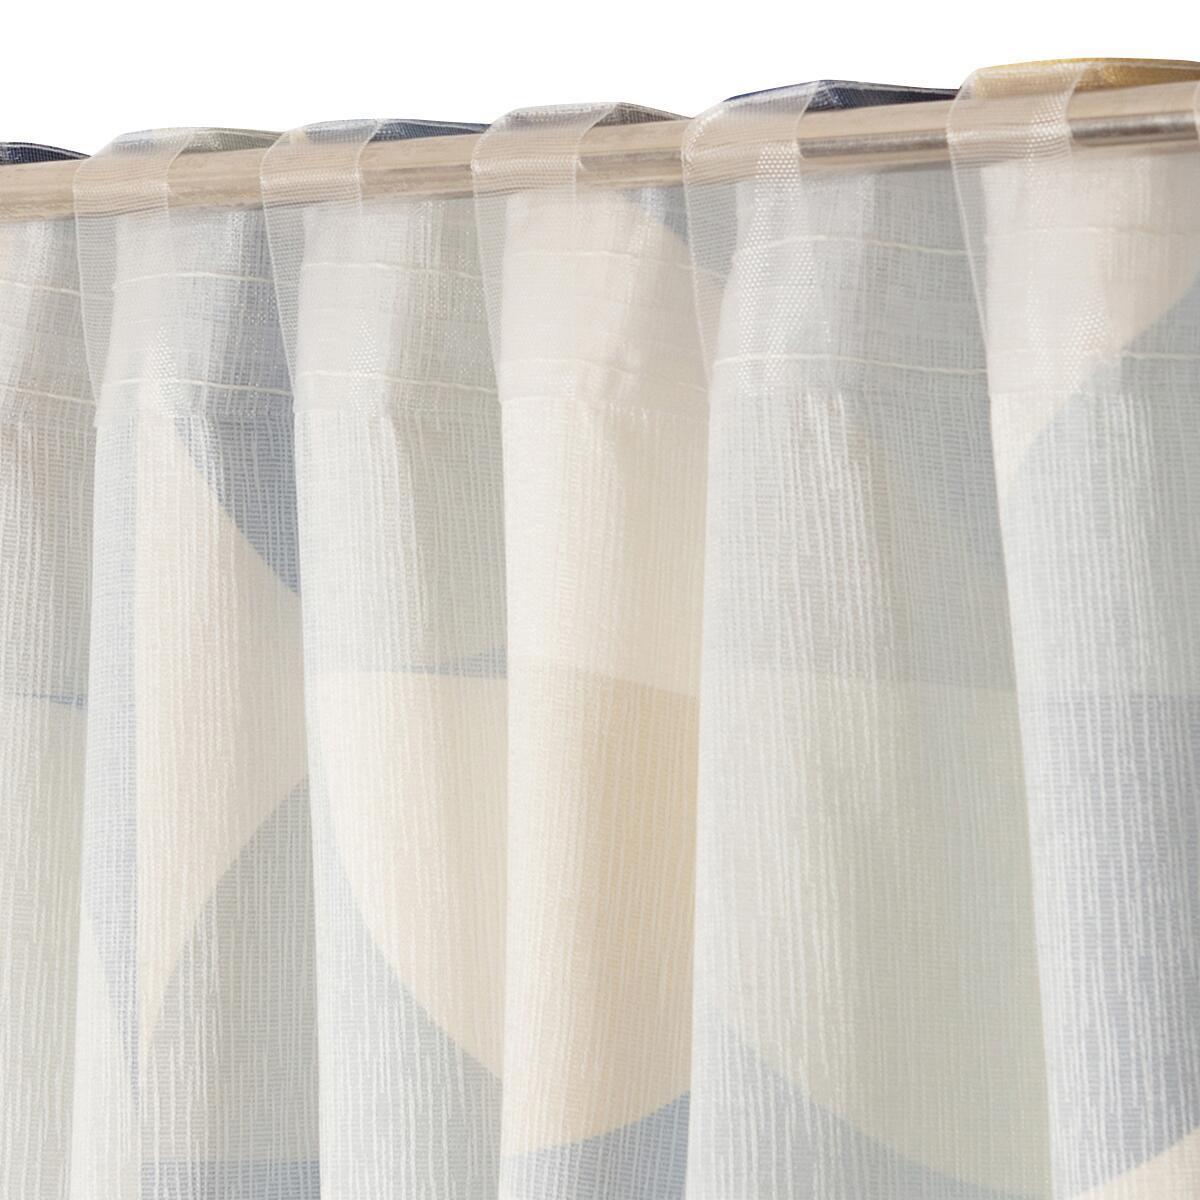 Tenda Oliver multicolor fettuccia 140 x 280 cm - 6